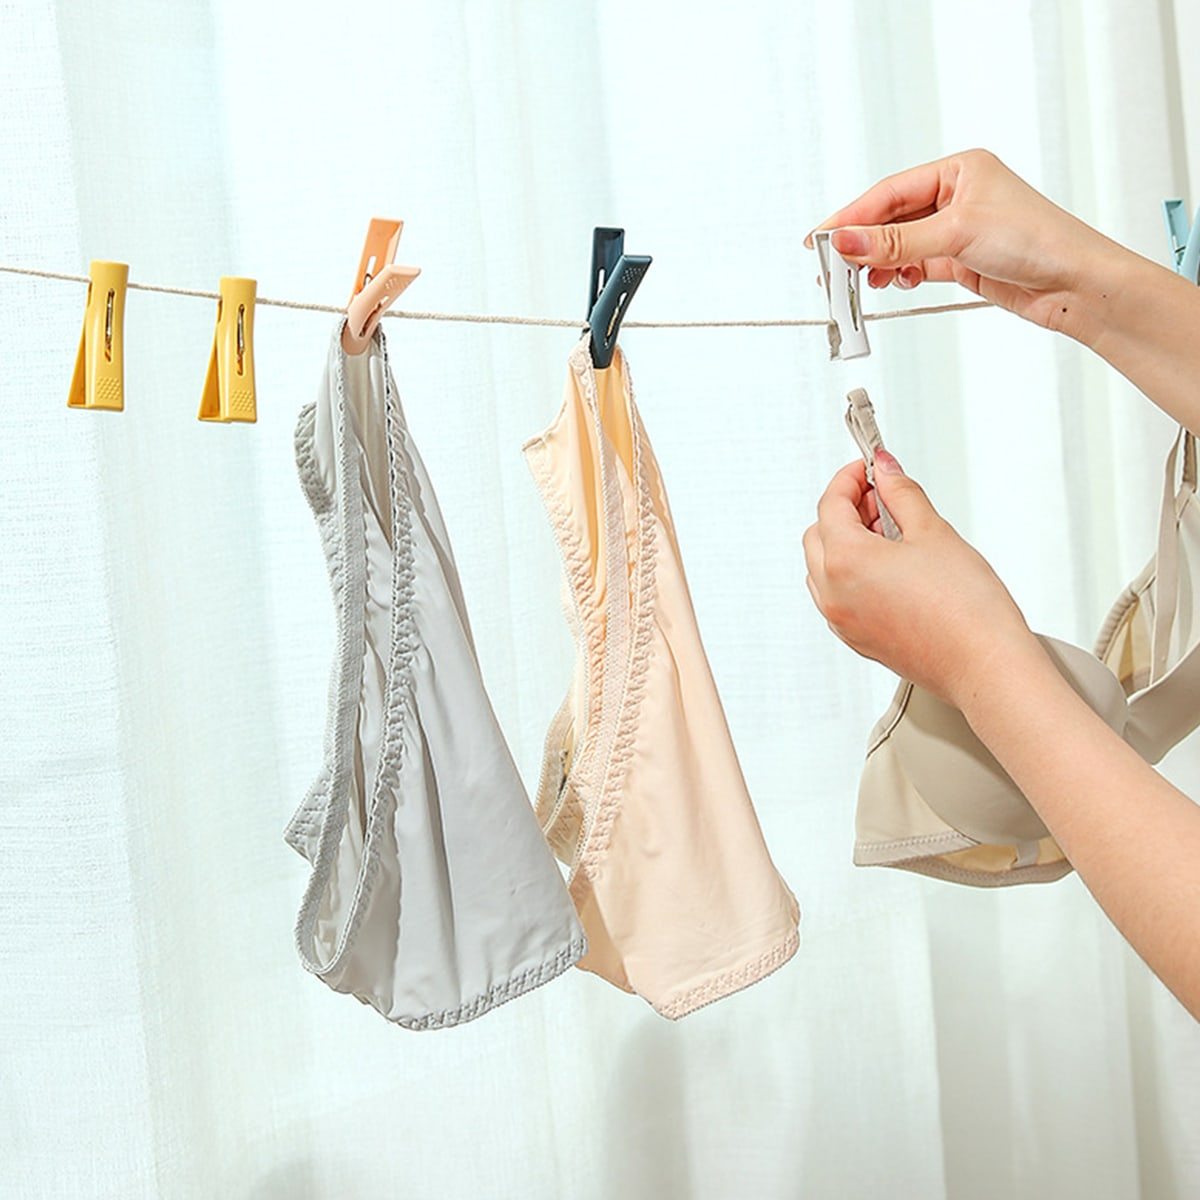 10шт многофункциональный зажим для одежды случайного фото